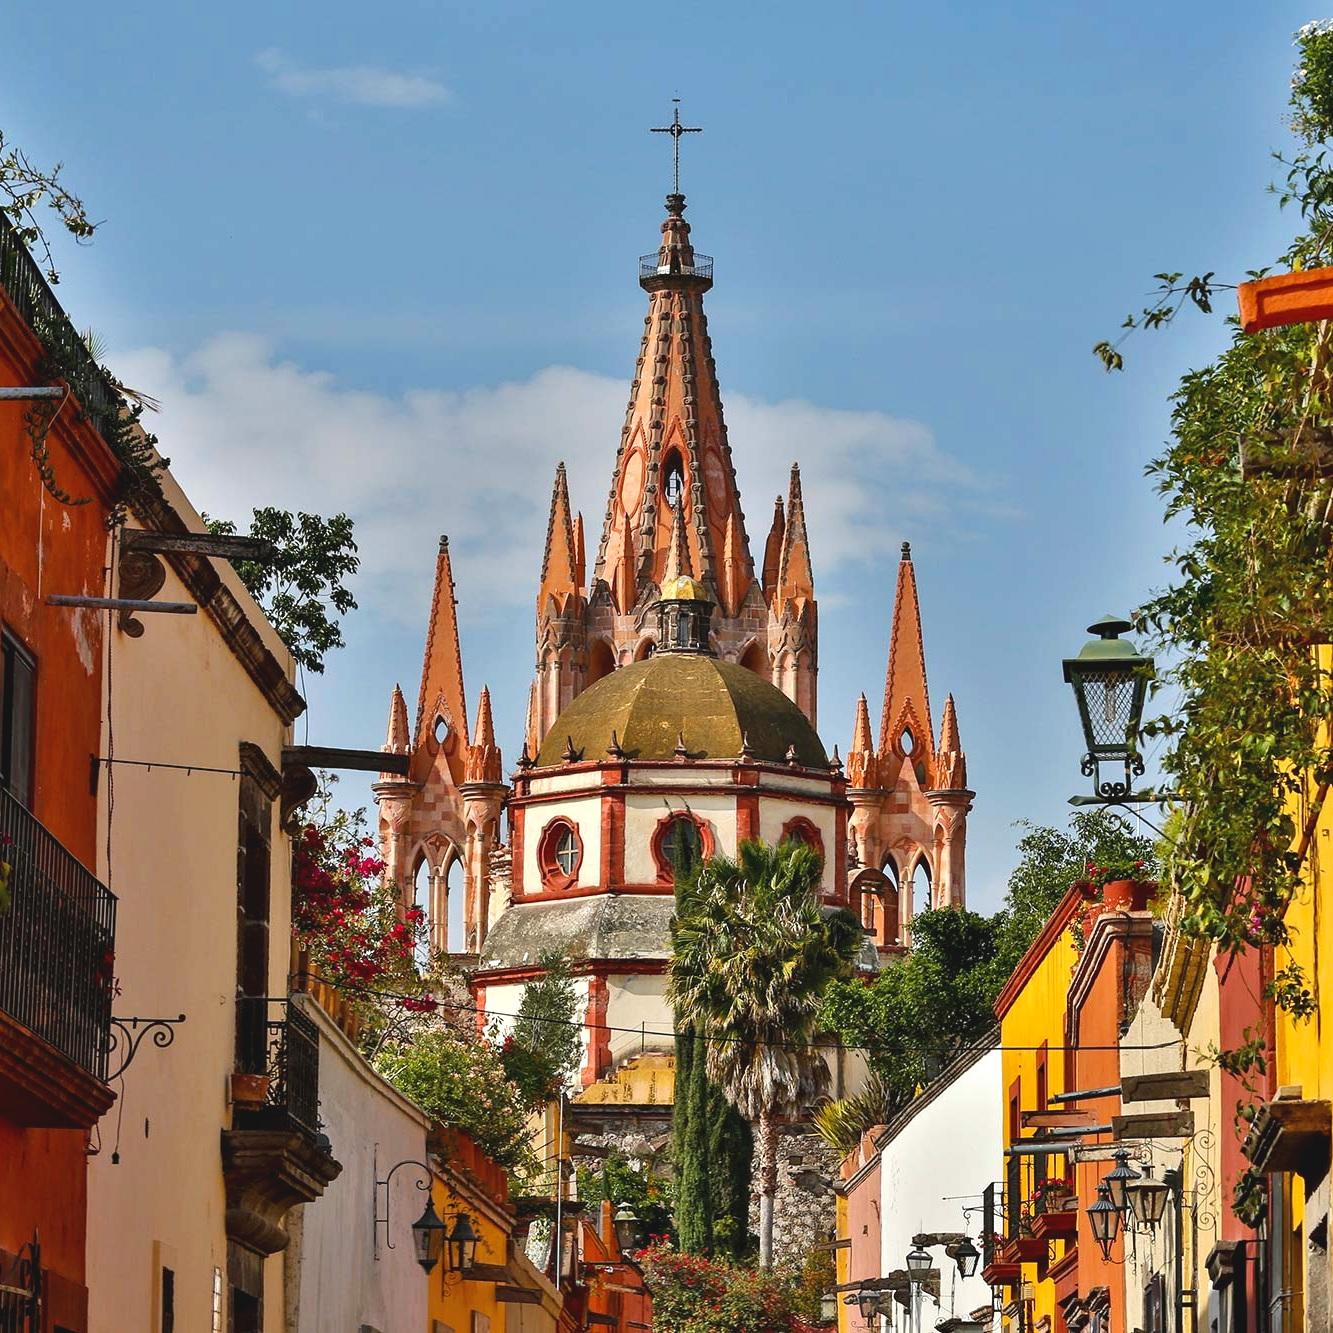 San-Miguel-De-Allende-Guanajuato.jpg